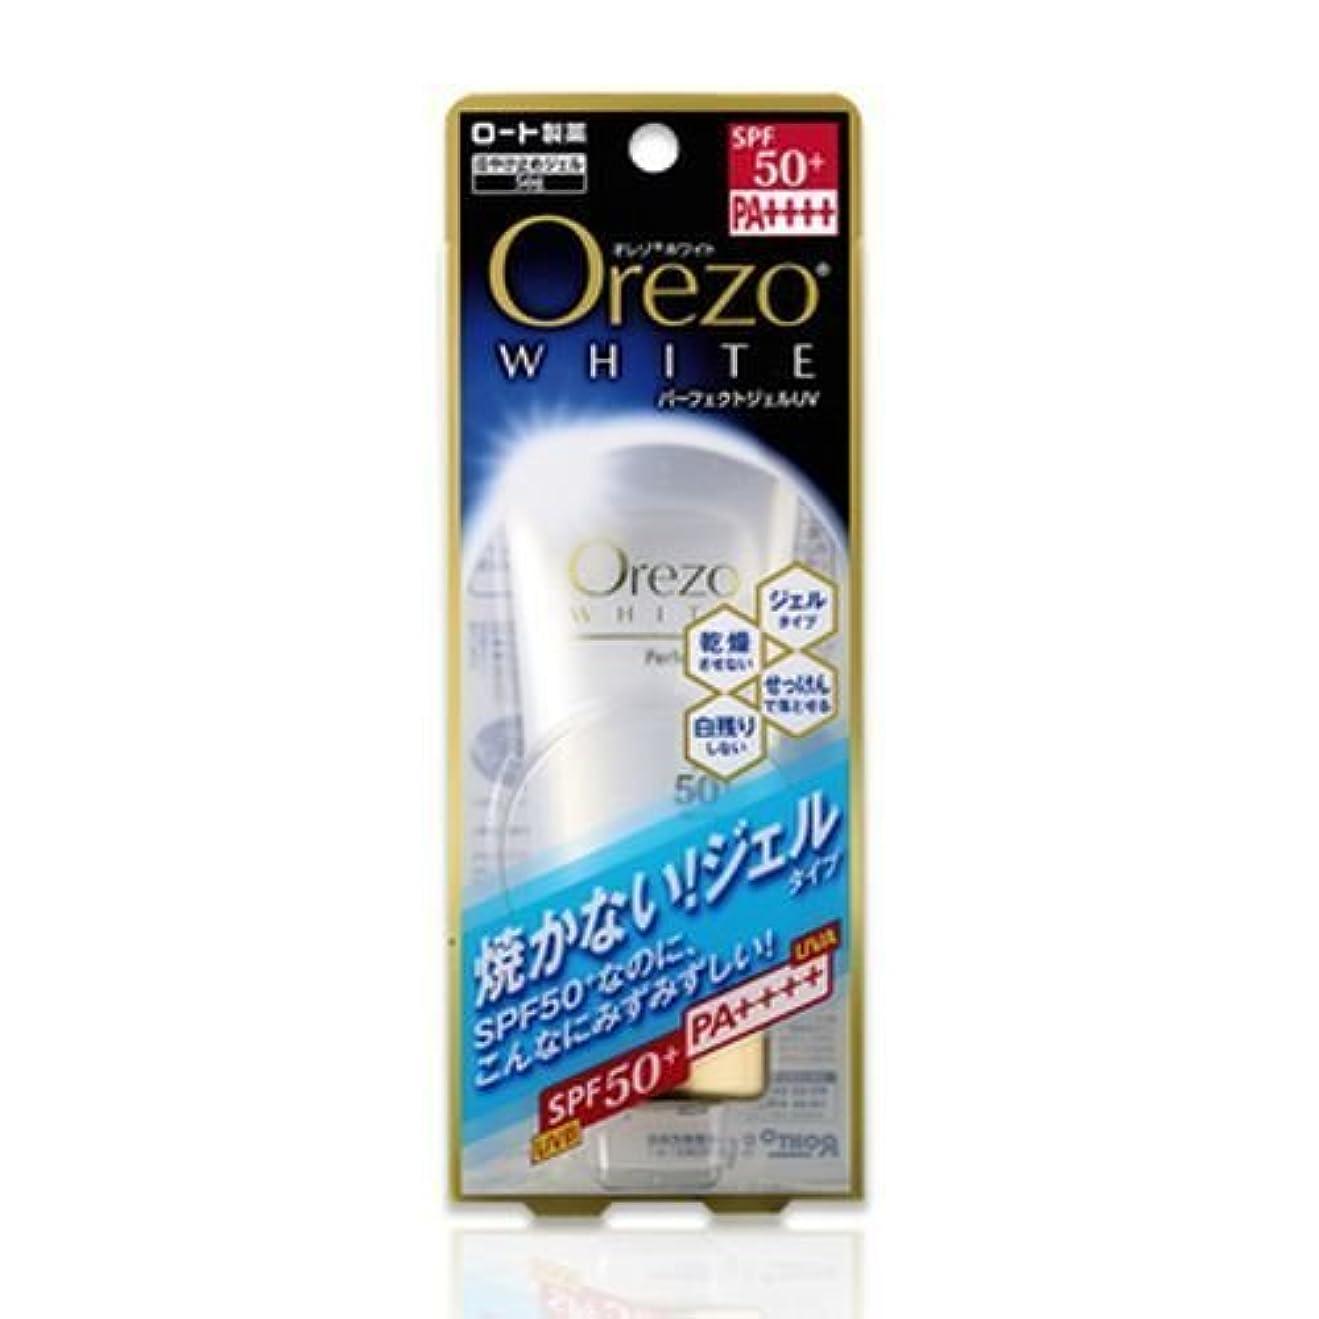 ロート製薬 Orezo オレゾ ホワイト パーフェクトジェルUV 日やけ止めジェル 顔?からだ用 SPF50+ PA…